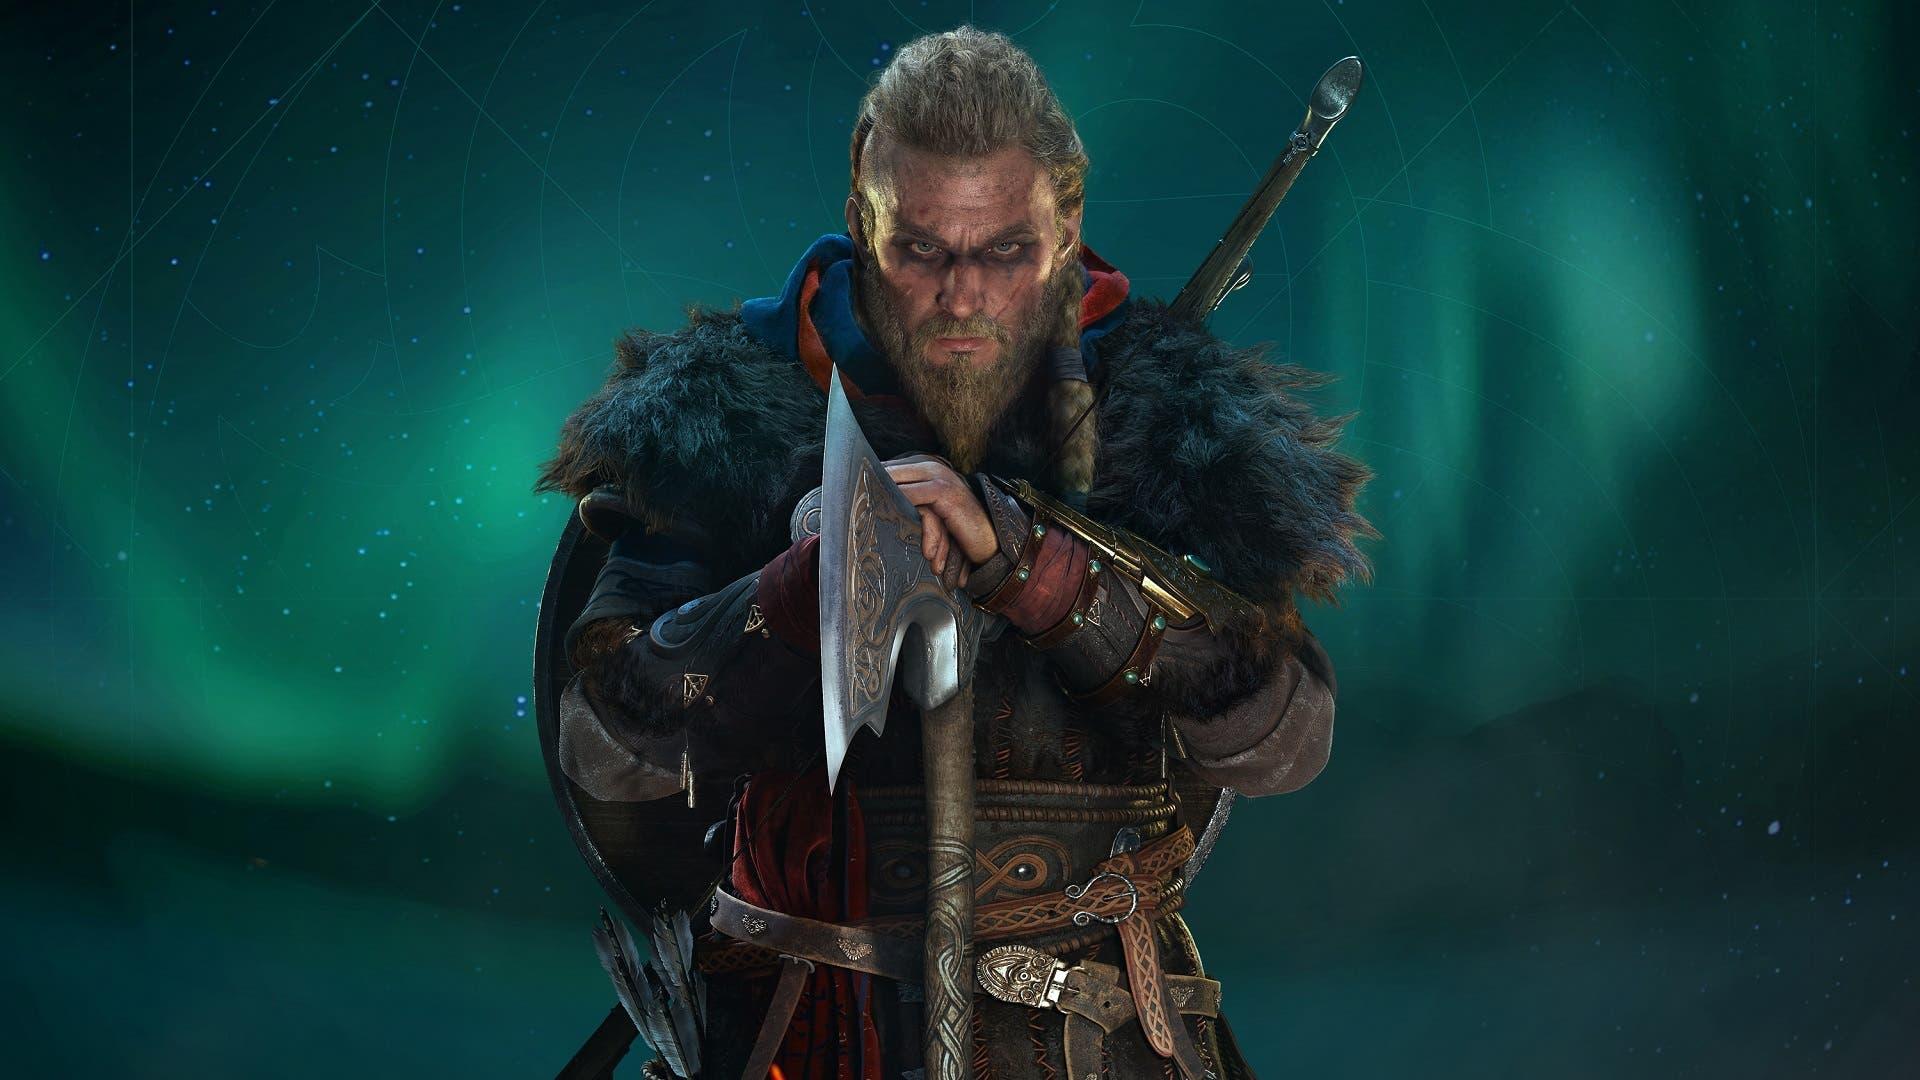 Assassin's Creed Valhalla Montre Des Créatures Mystiques Dans Son Dernier